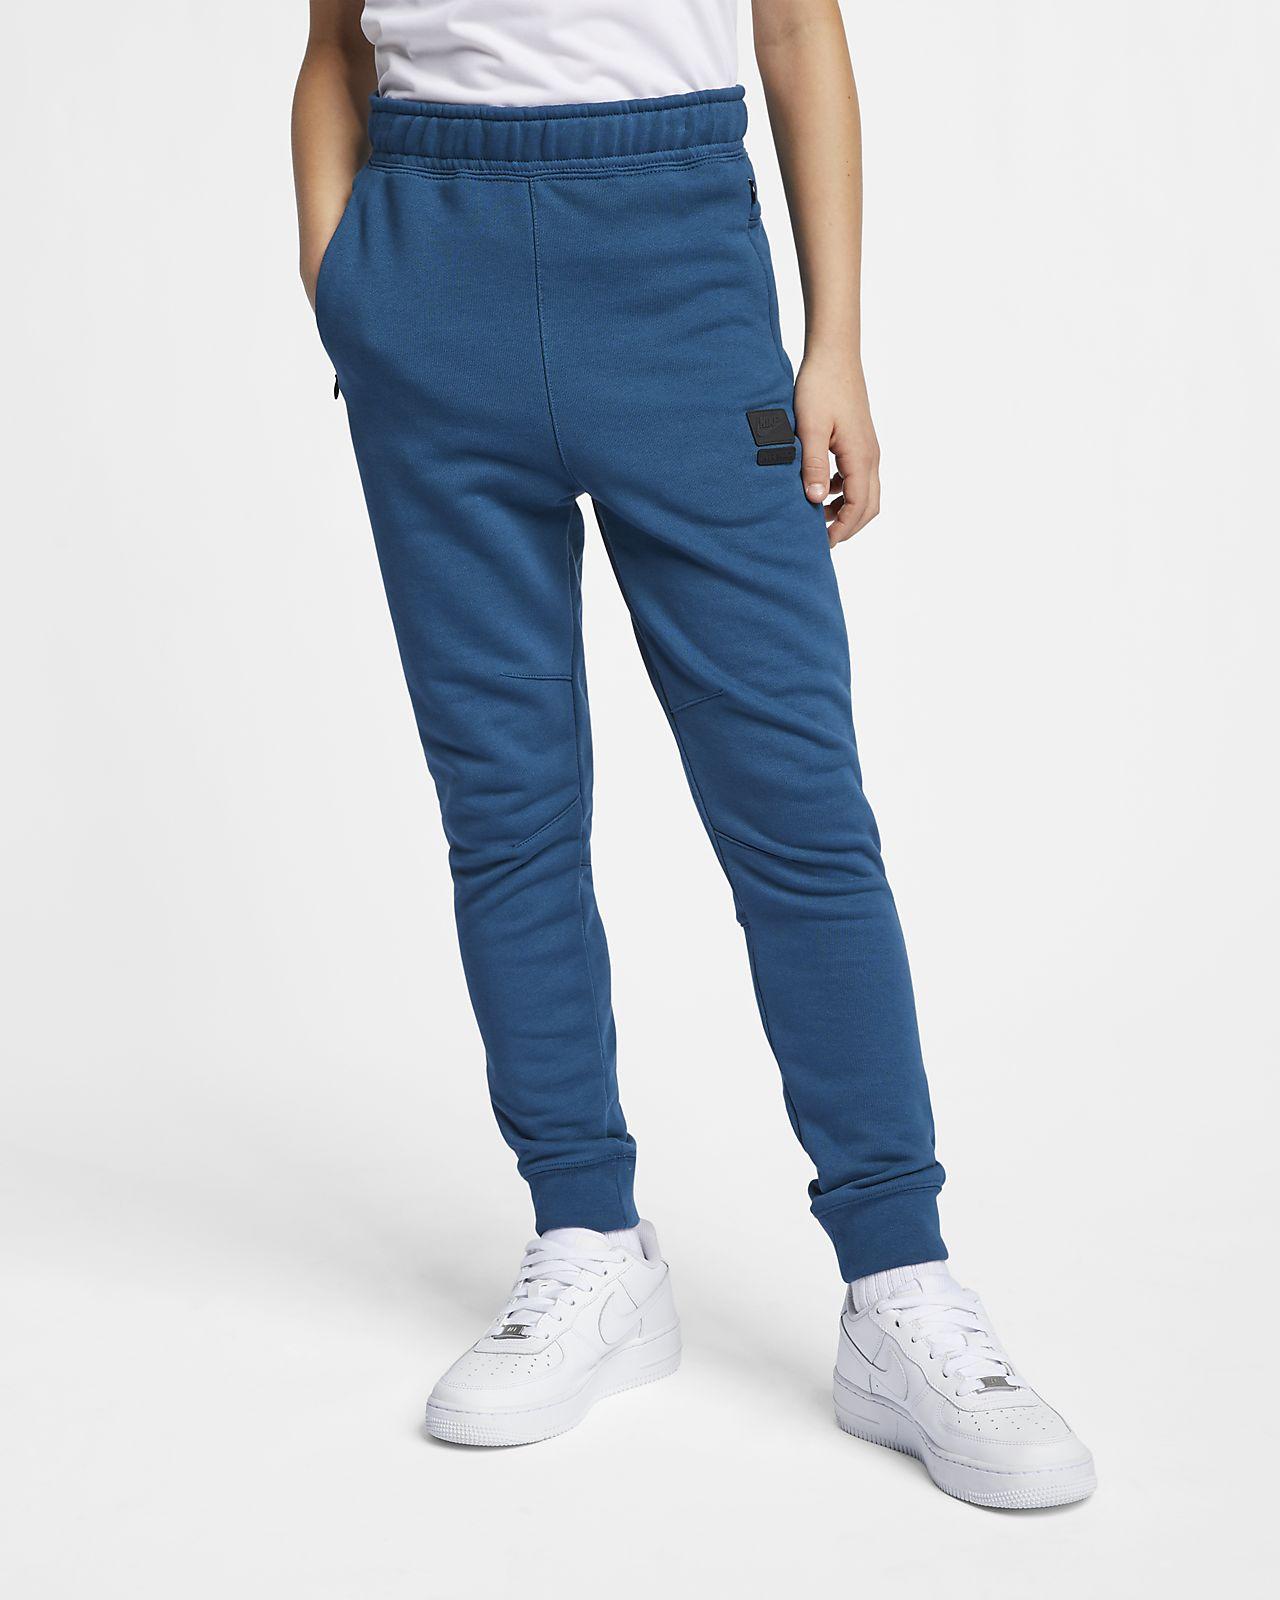 Nike Sportswear Hose für ältere Kinder (Jungen)